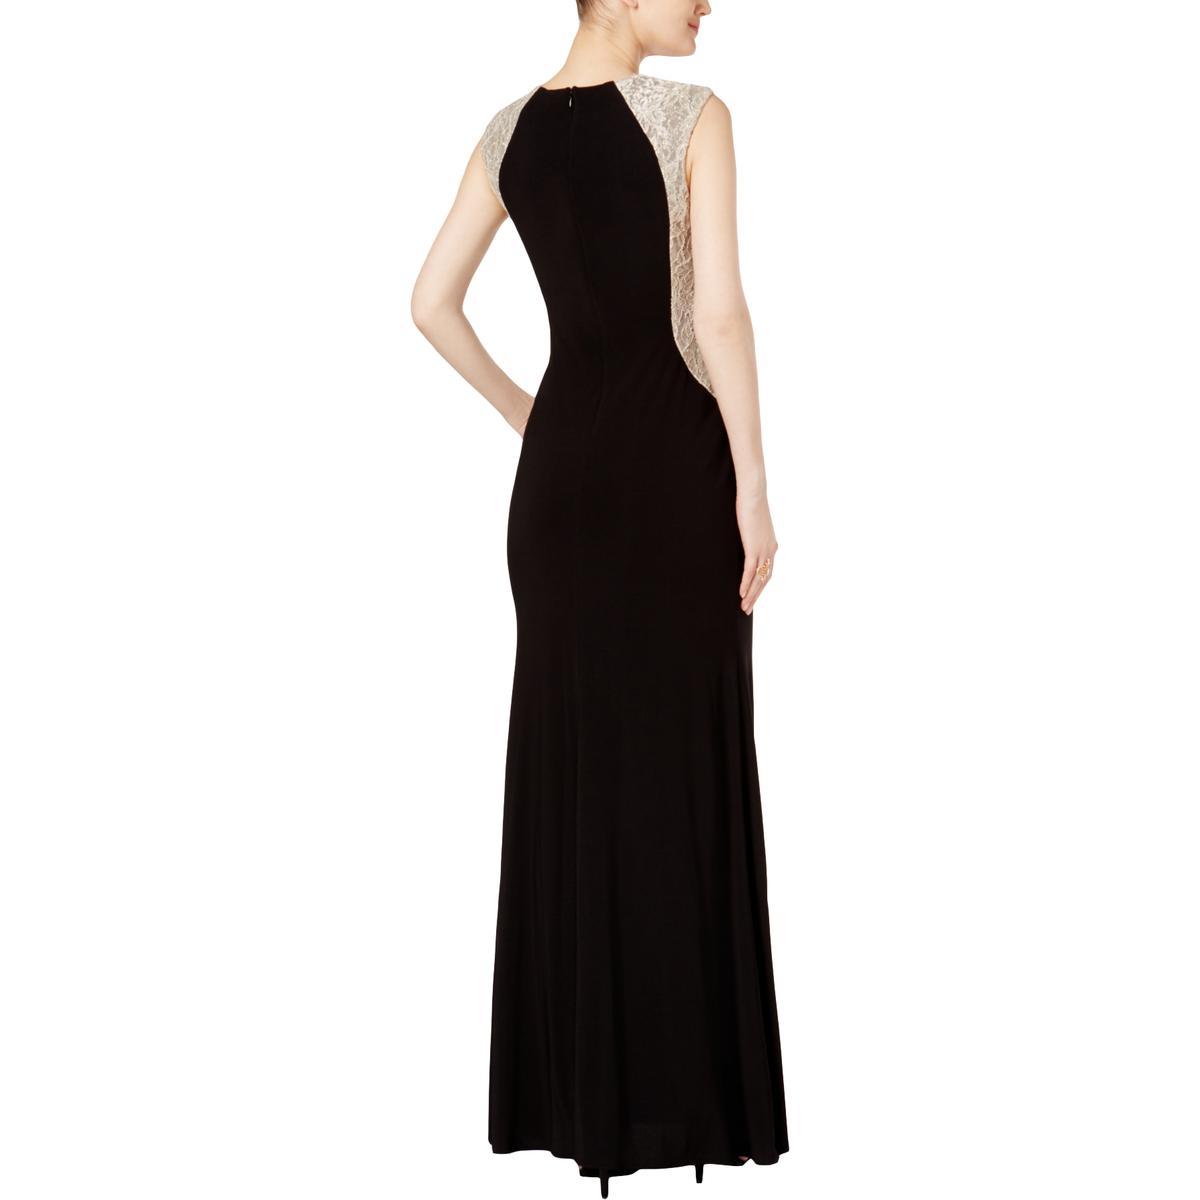 303dfb65 Xscape Womens Velvet Trim Strapless Full-Length Dress Petites BHFO 4659  Damenmode